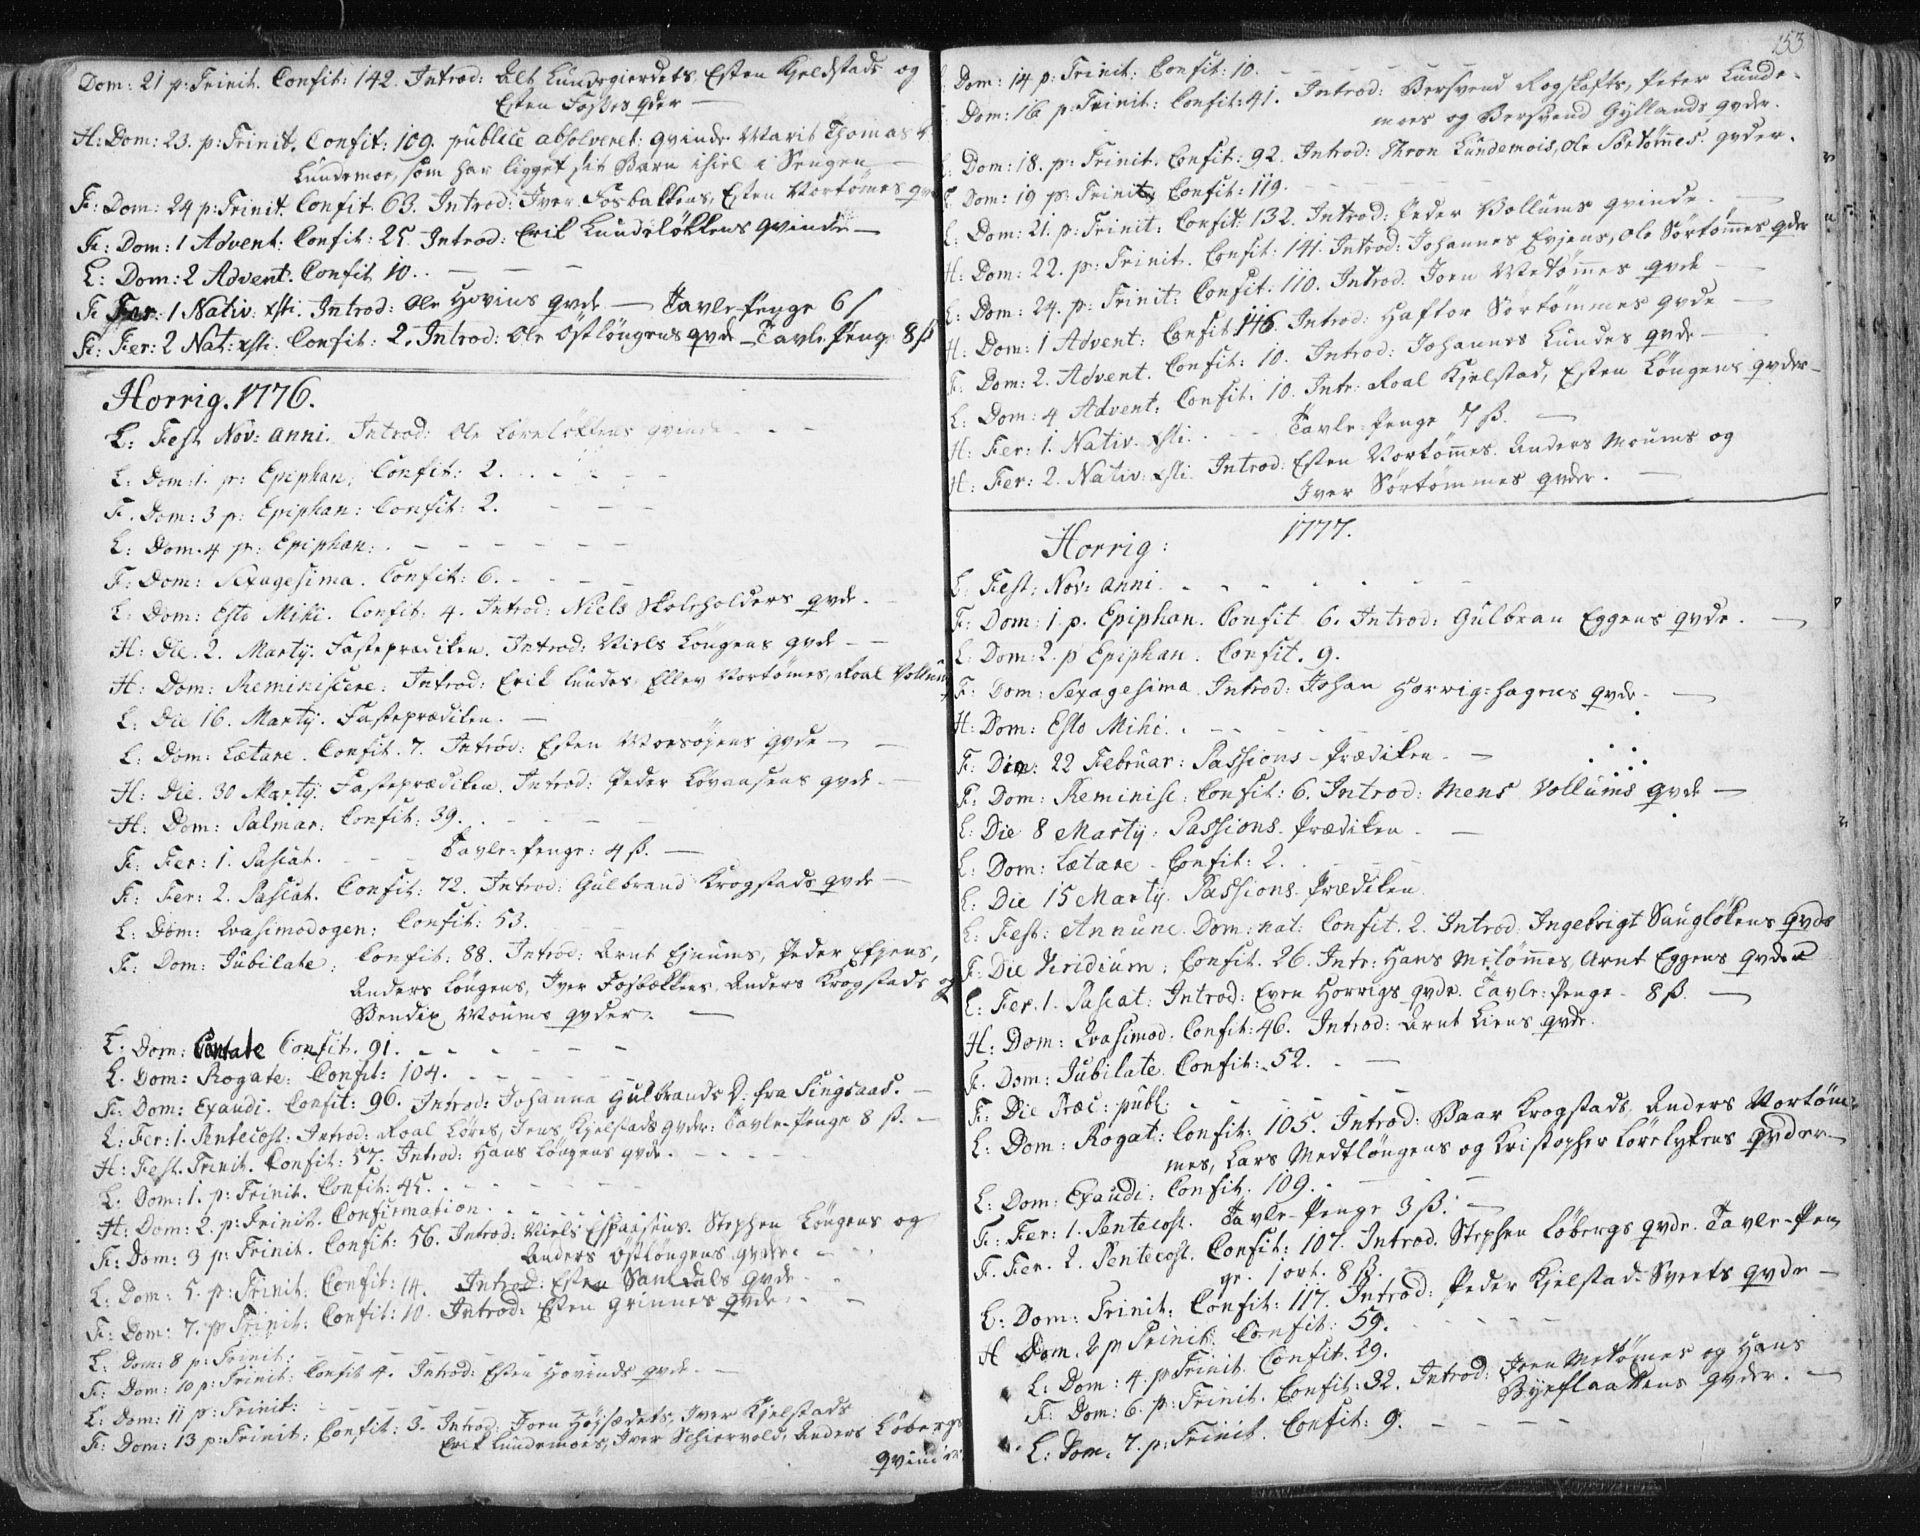 SAT, Ministerialprotokoller, klokkerbøker og fødselsregistre - Sør-Trøndelag, 687/L0991: Ministerialbok nr. 687A02, 1747-1790, s. 153